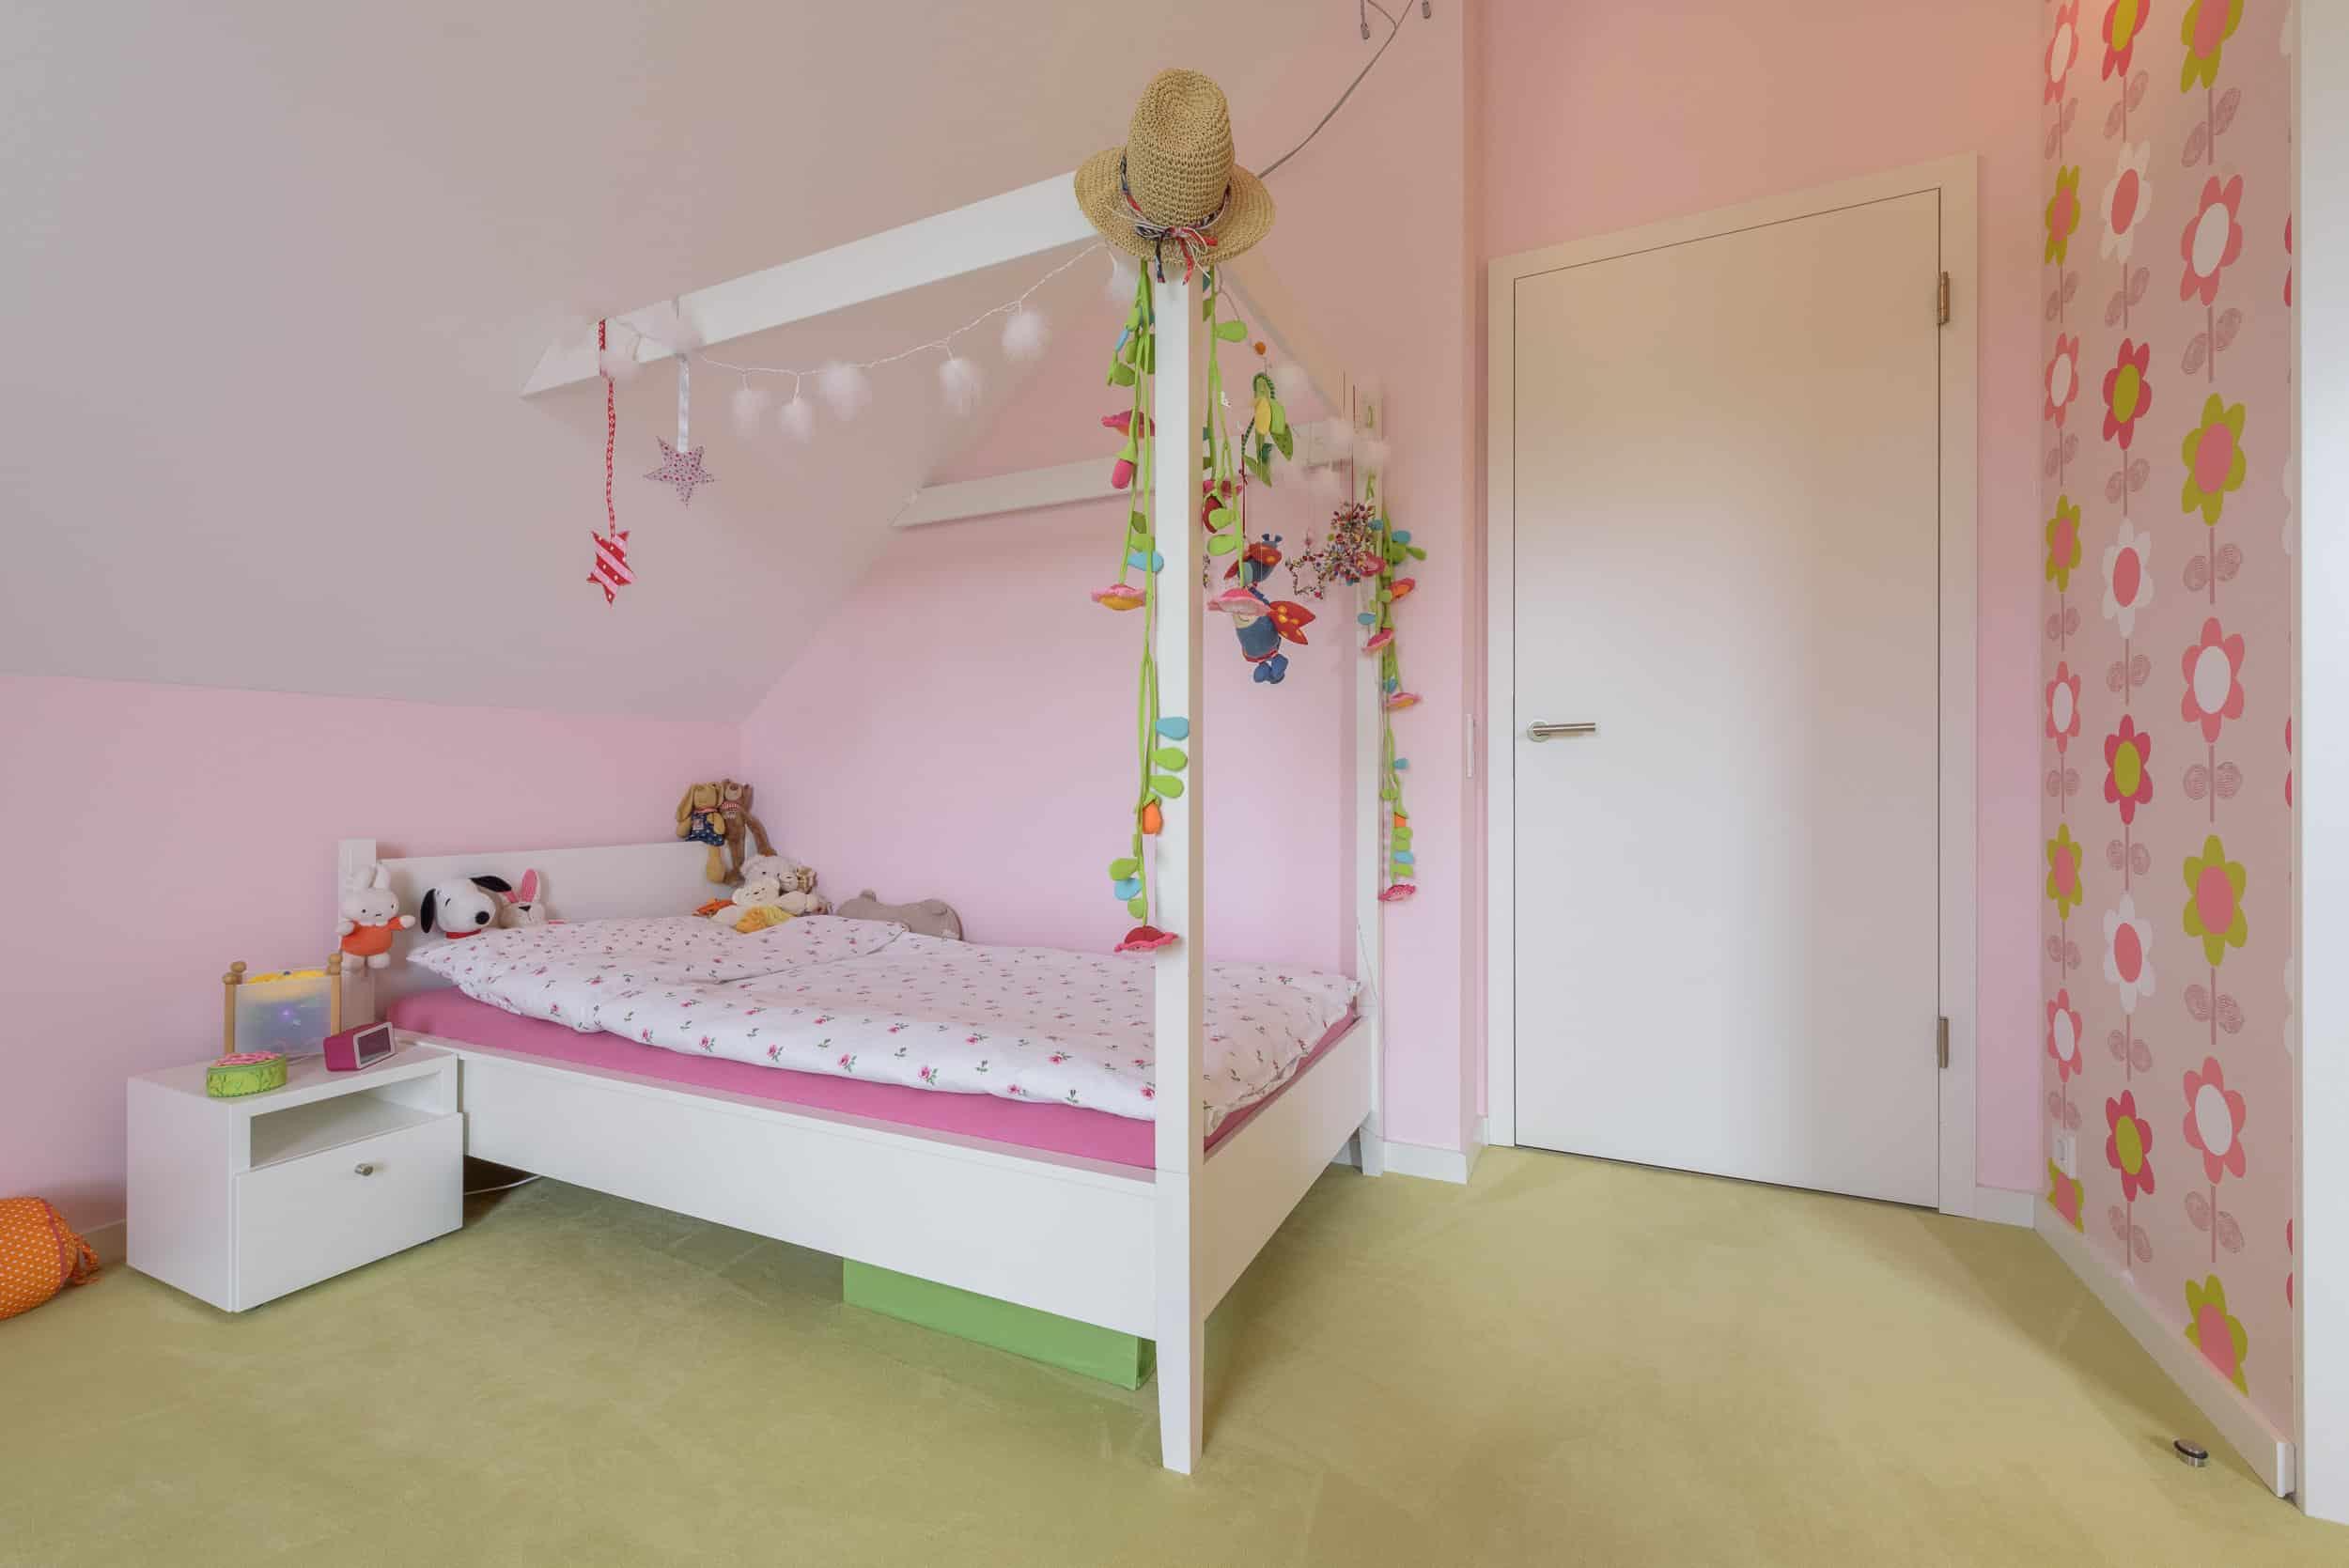 Kinderbett Dachschrage Himmelbett Selber Bauen Ganz Einfach In 4